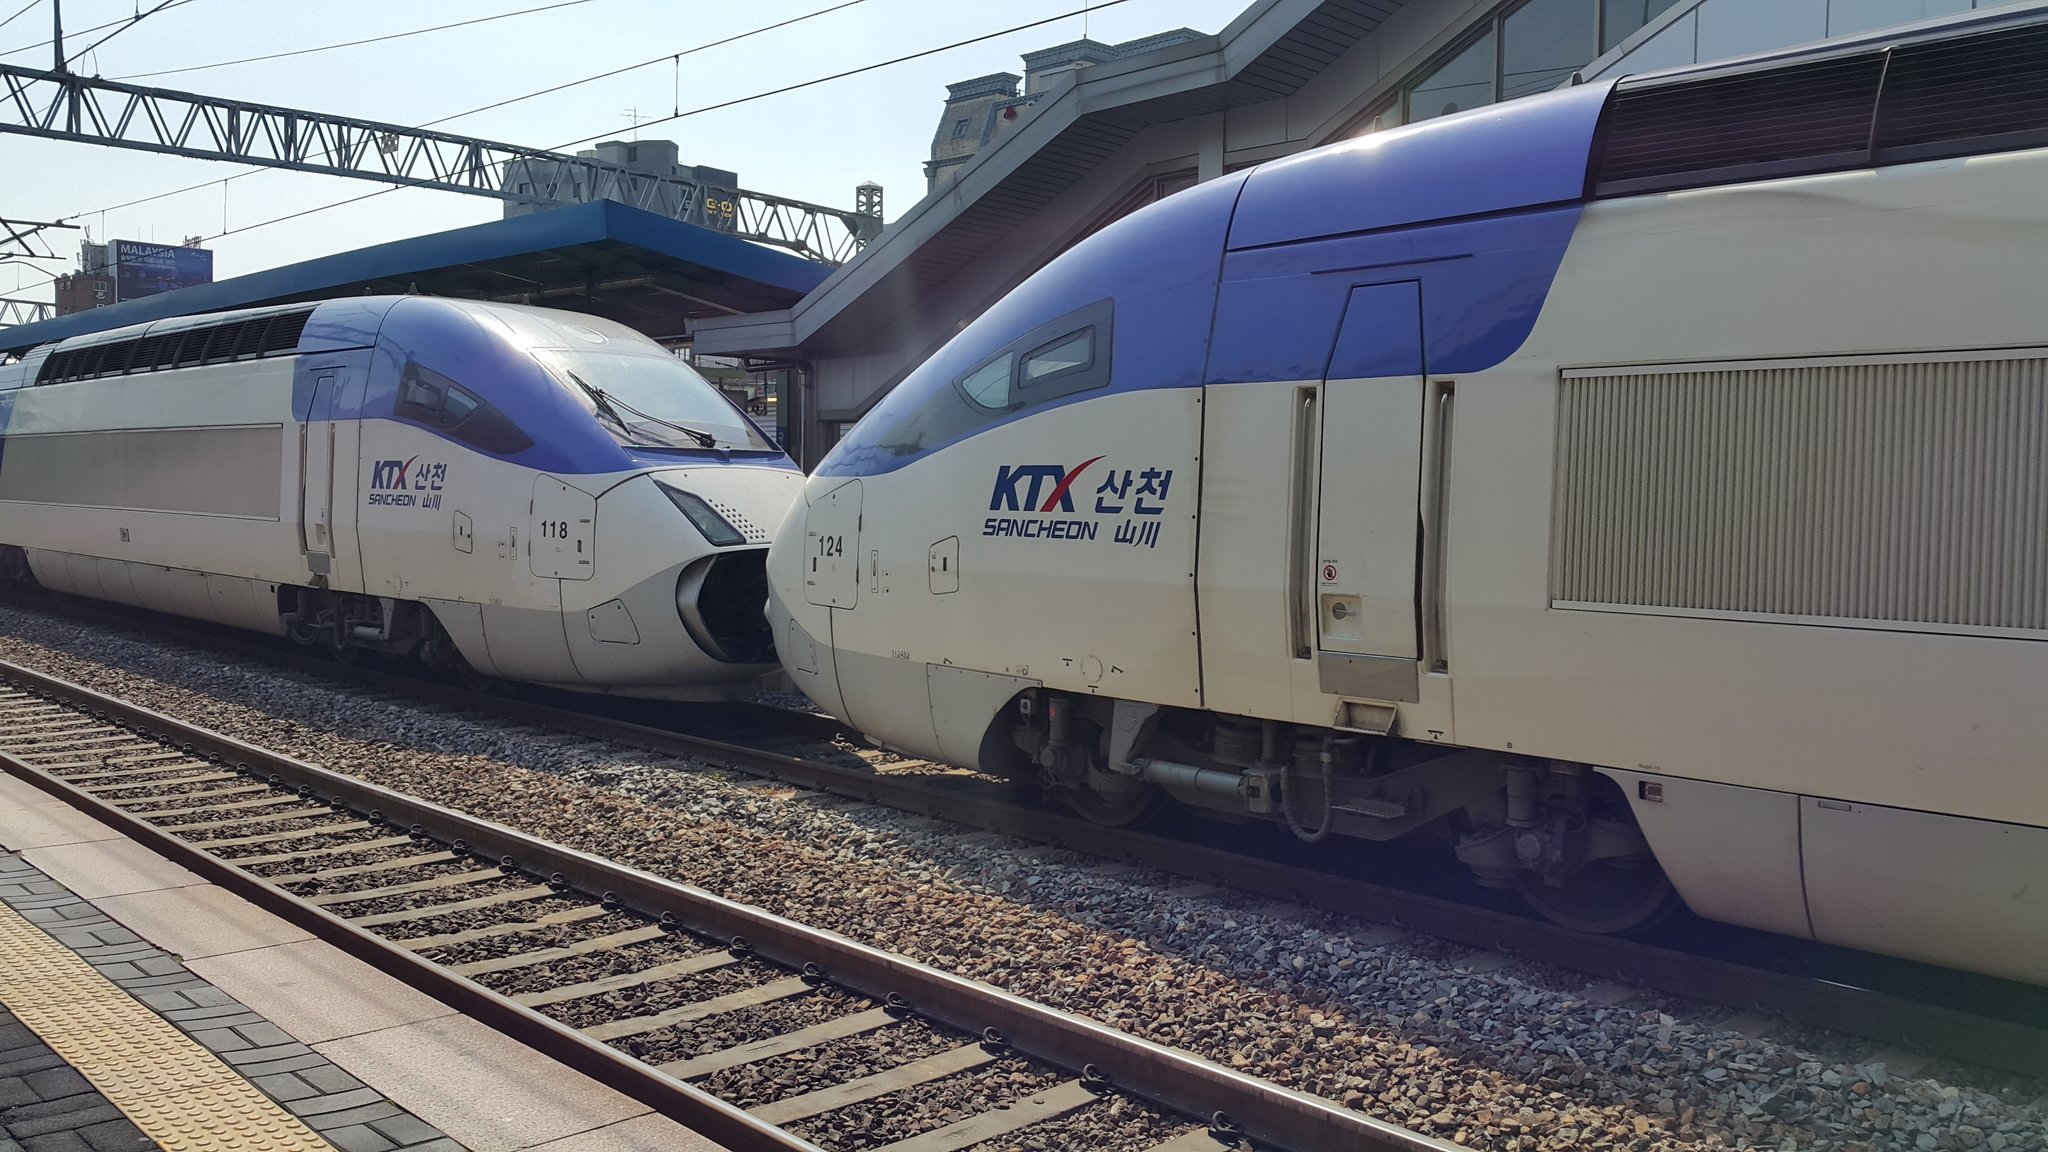 KTX-산천 두 열차를 하나로 연결한 '중련'편성. [사진 코레일]